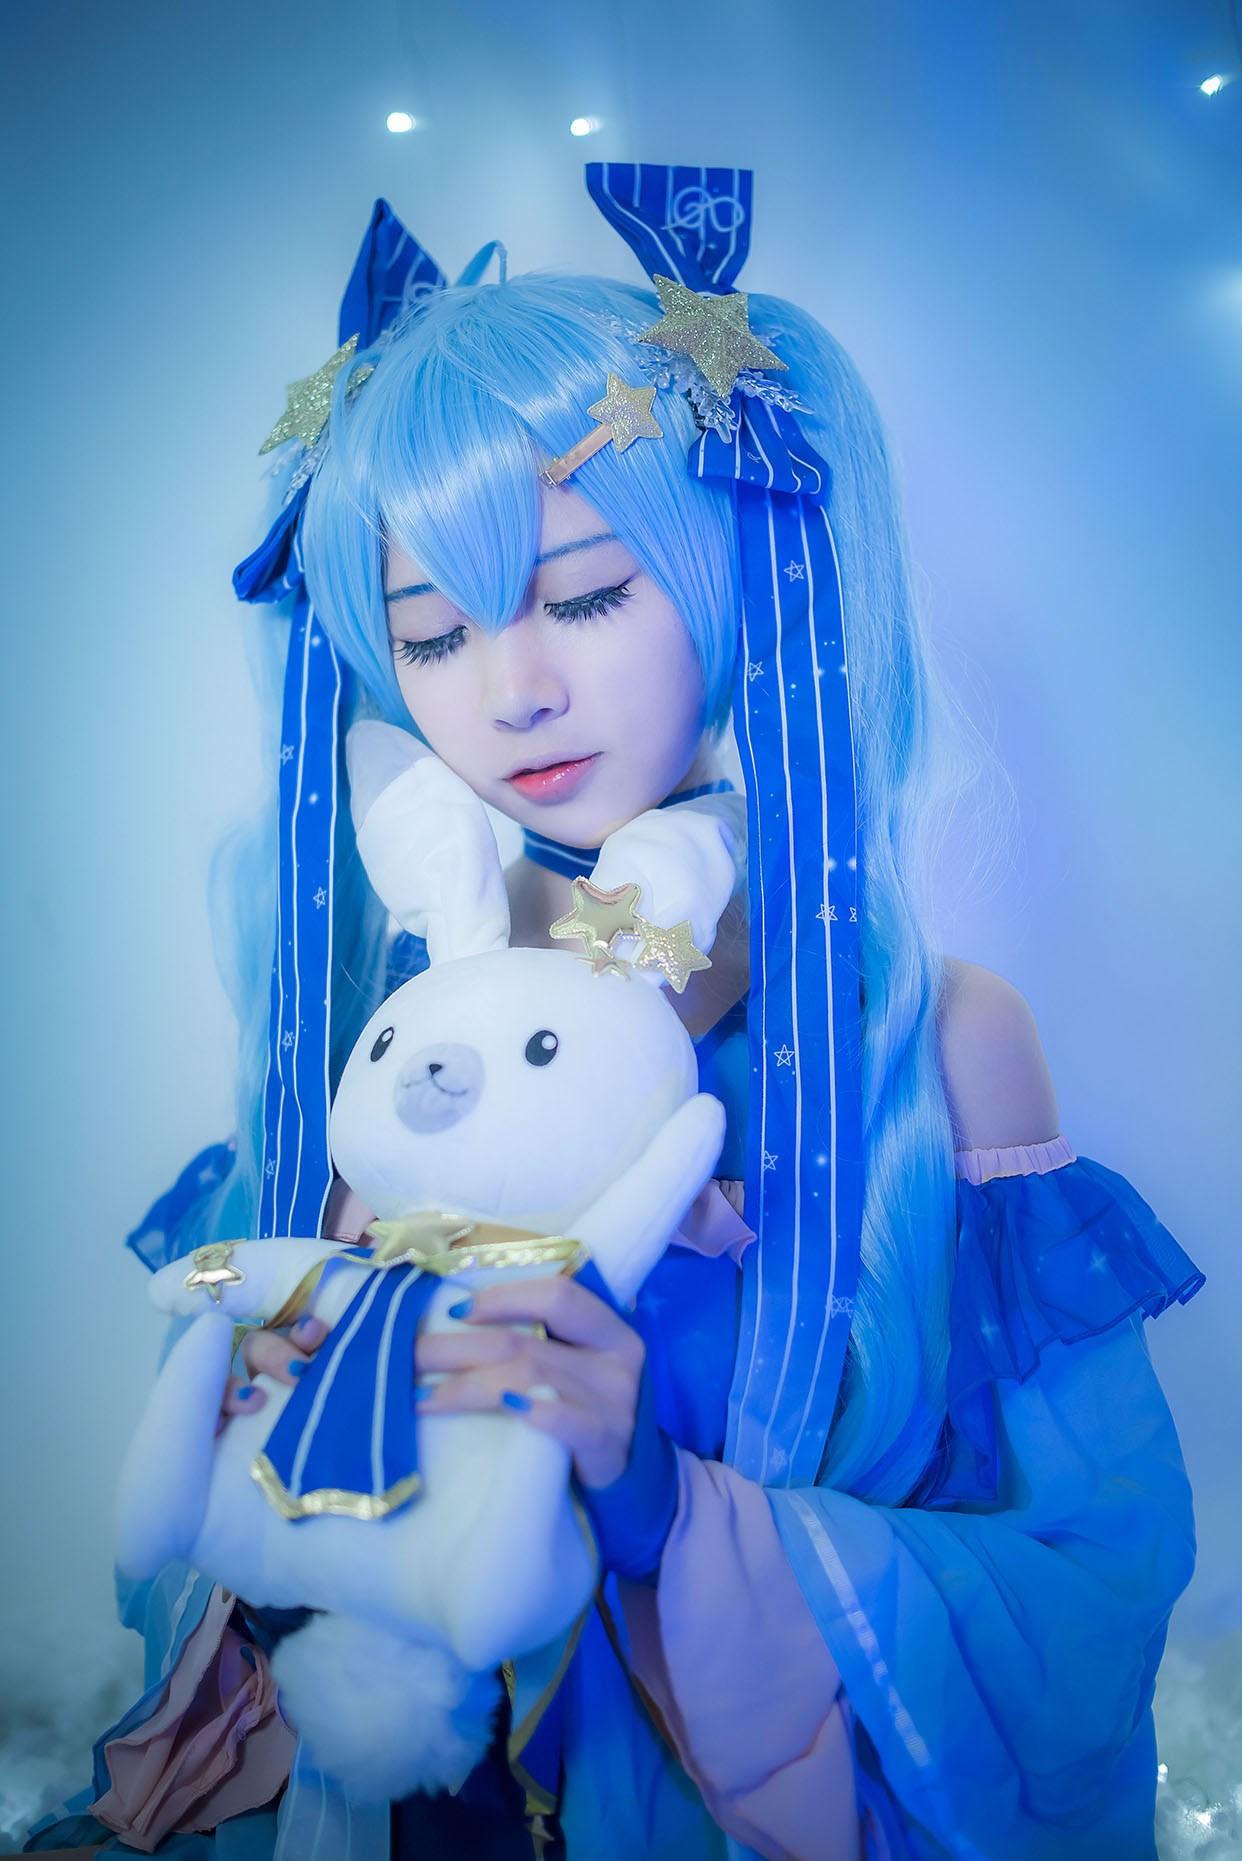 【兔玩映画】体操服穹妹与初音未来 兔玩映画 第40张